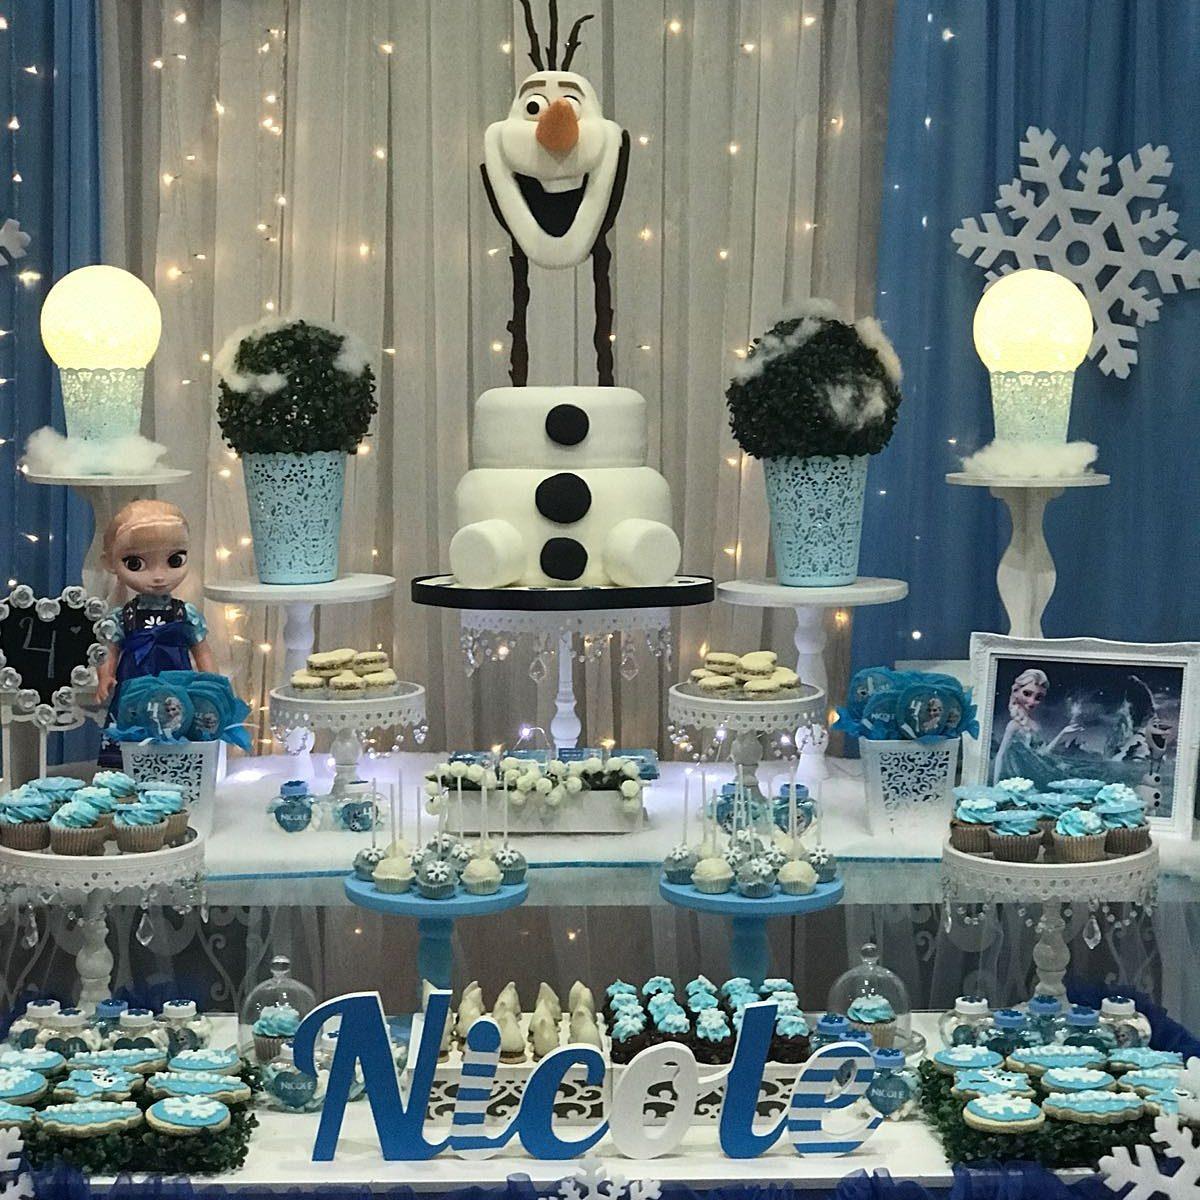 Tortas cumplea os infantil frozen mesas dulces 15 a os for Cosas para decorar tu pieza